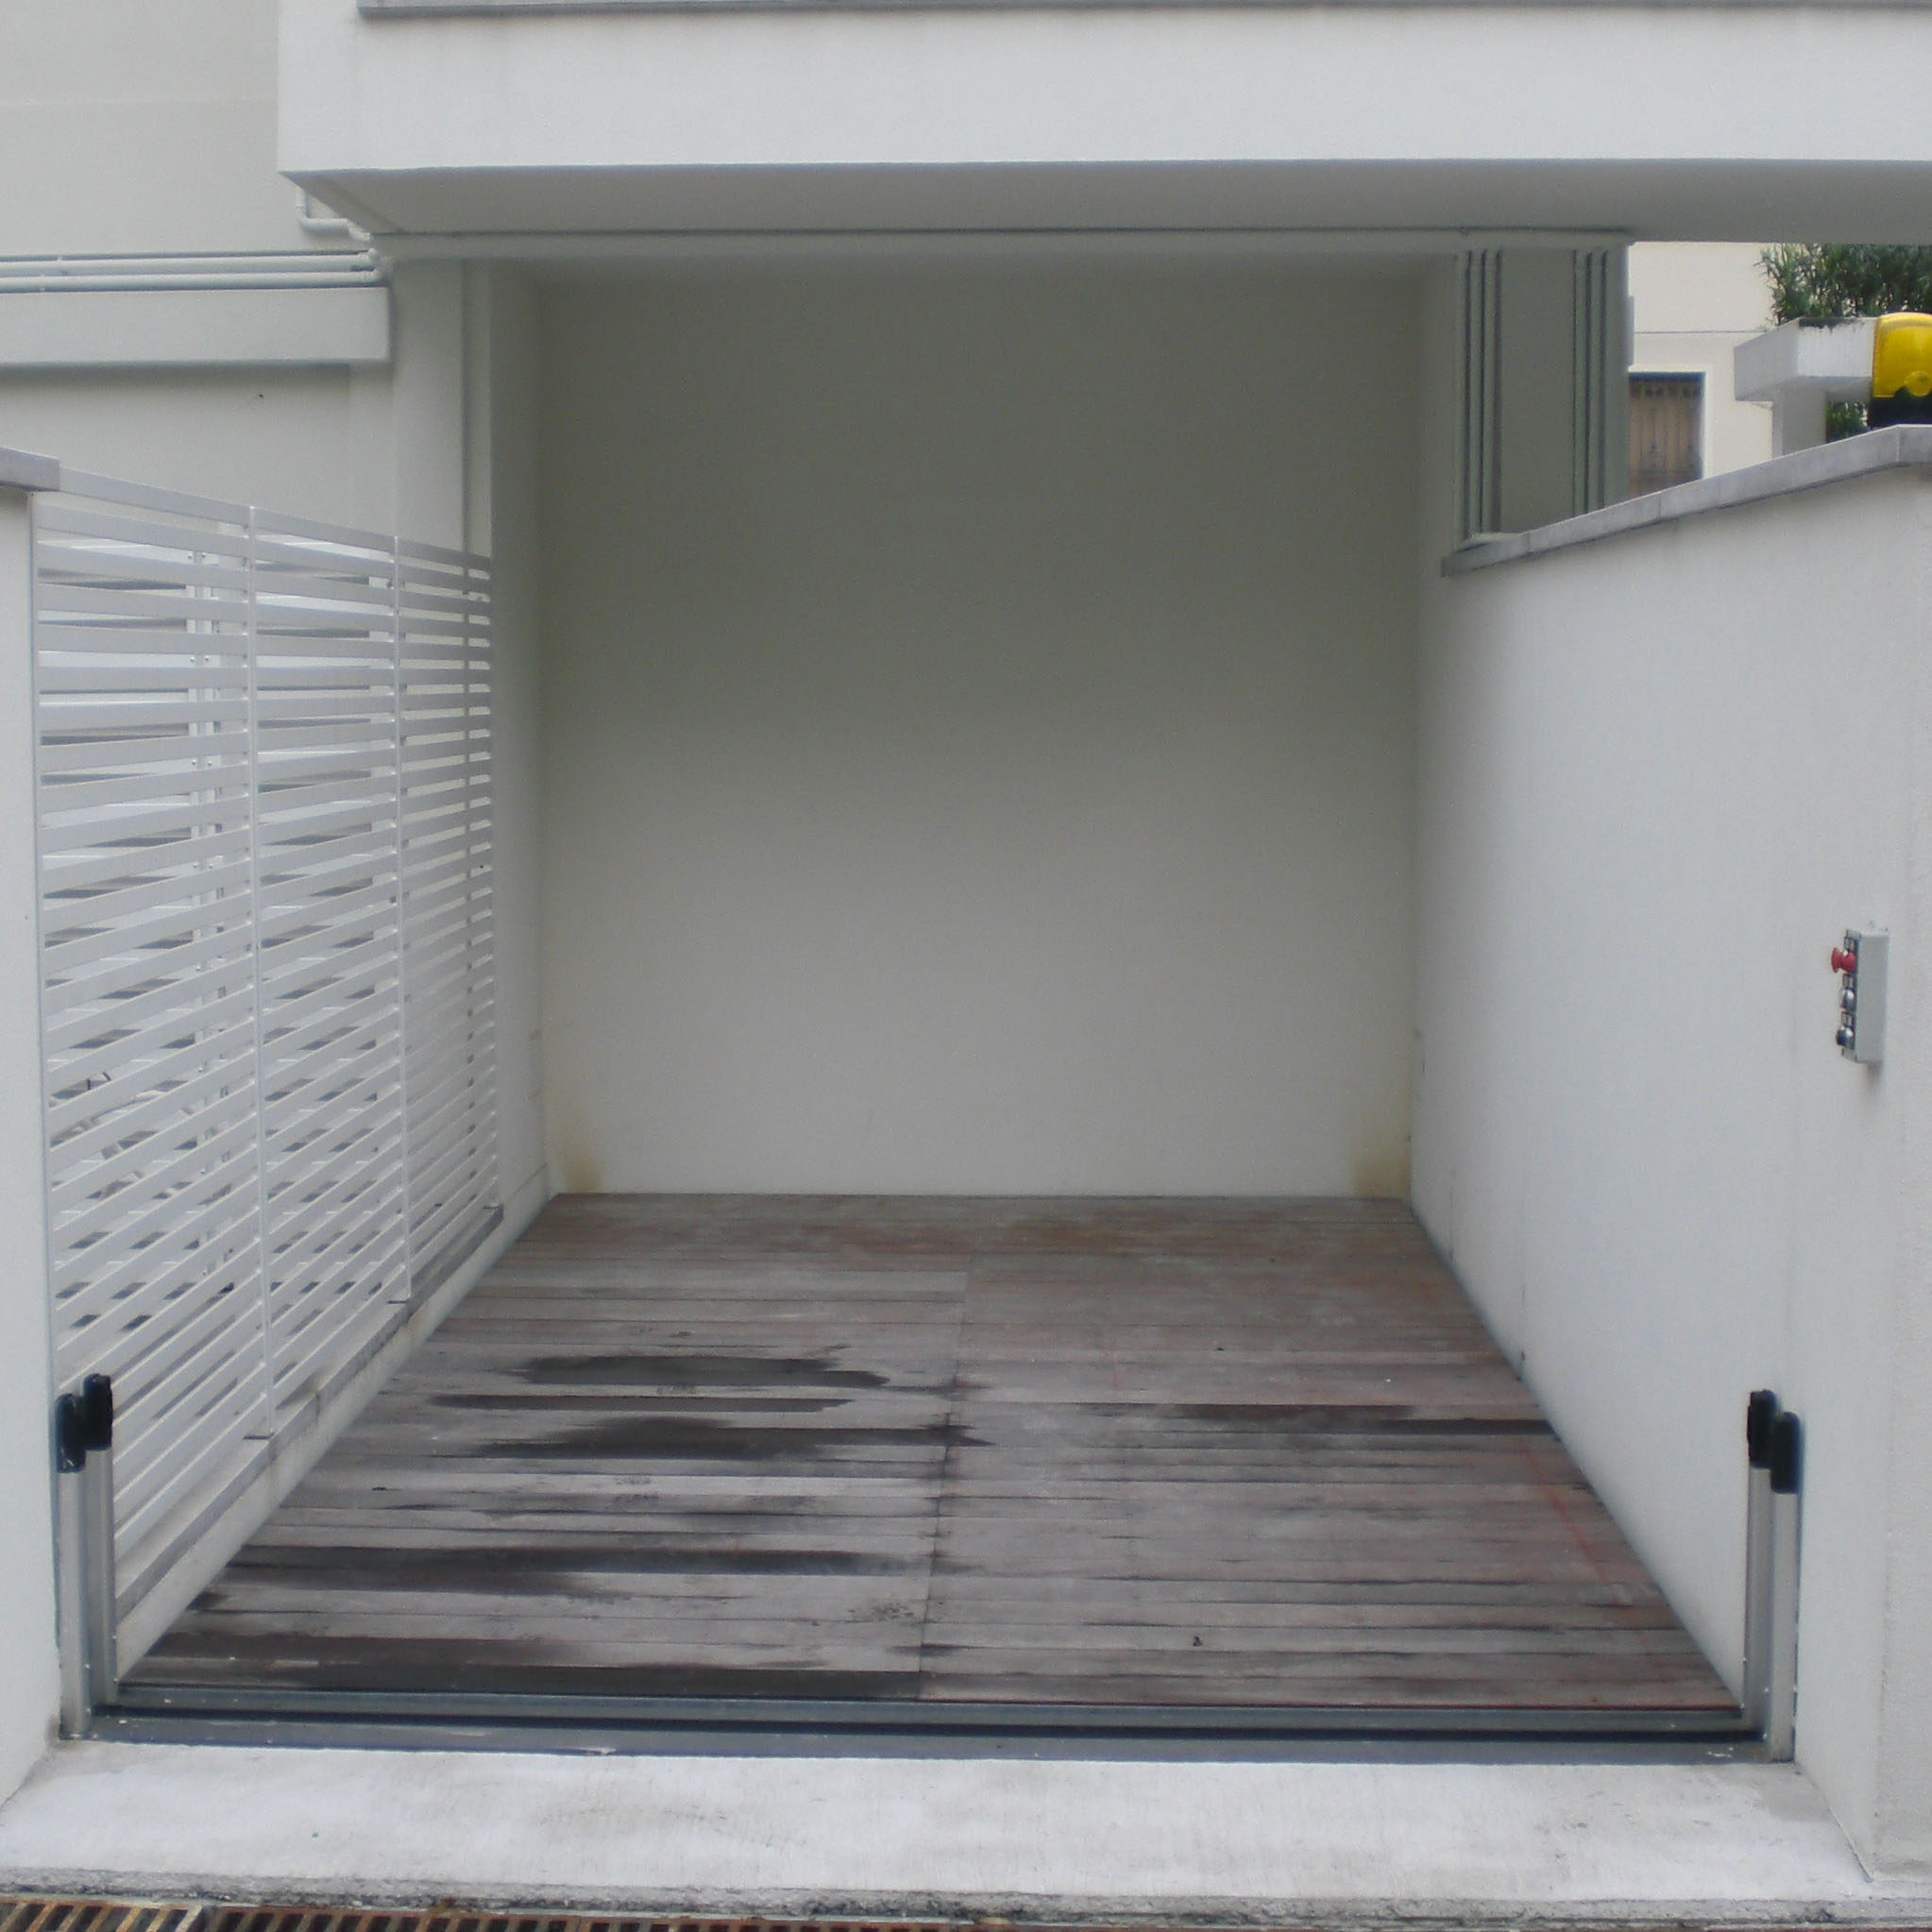 ascensore per auto con pianale rivestito in legno